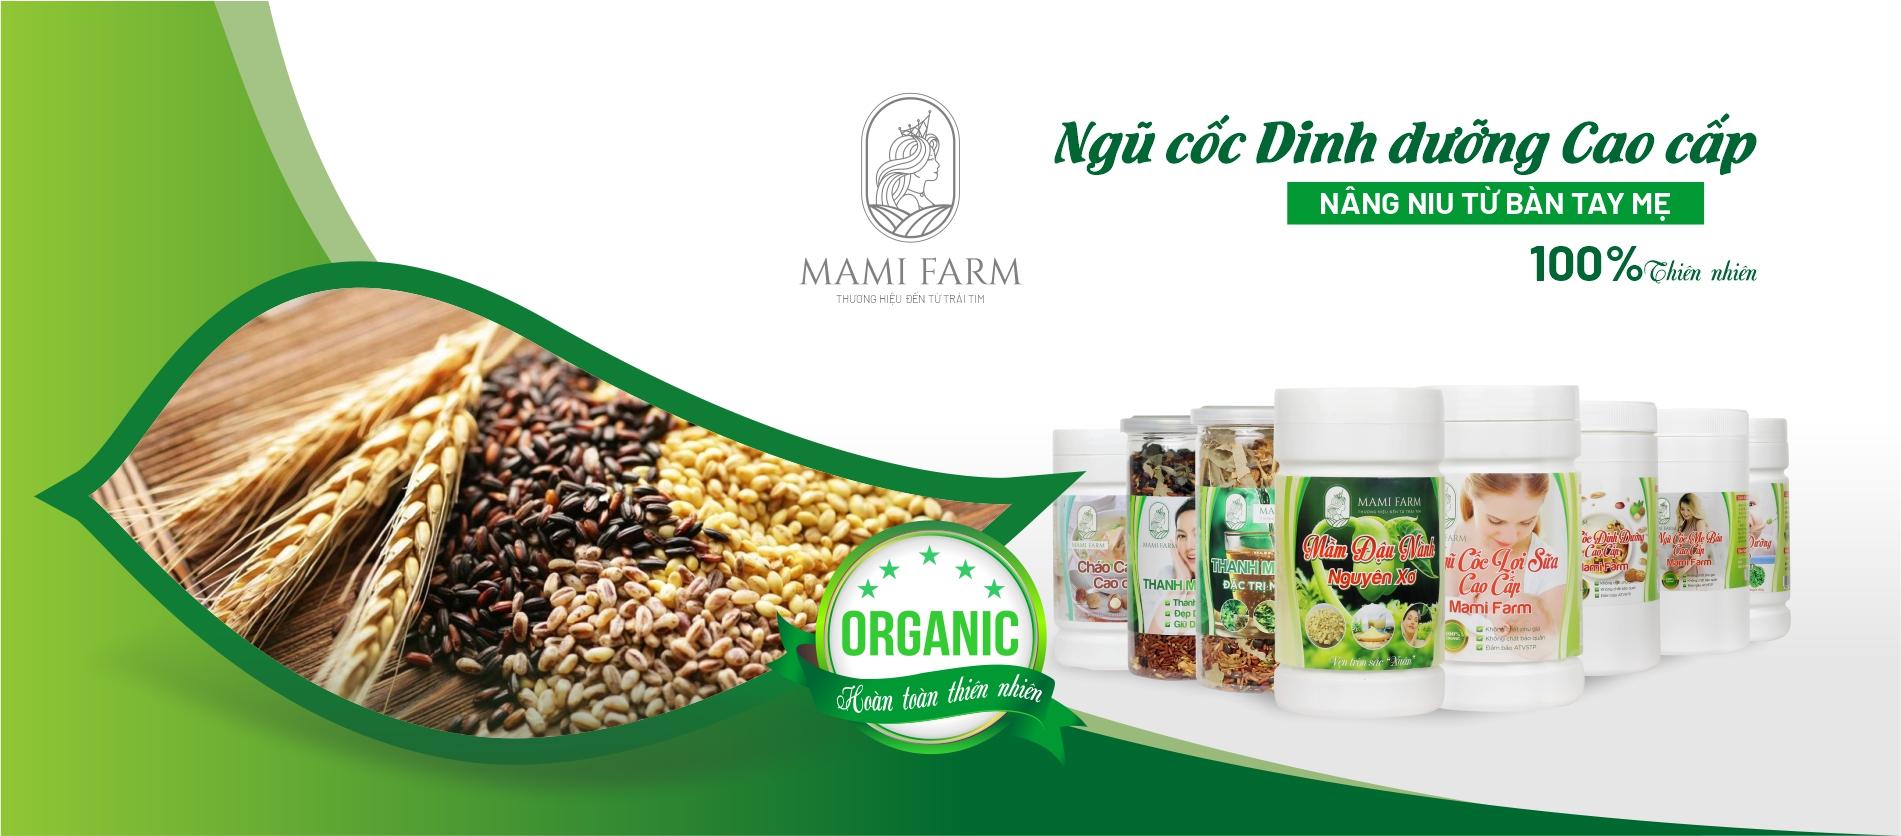 Ngũ cốc Mami farm